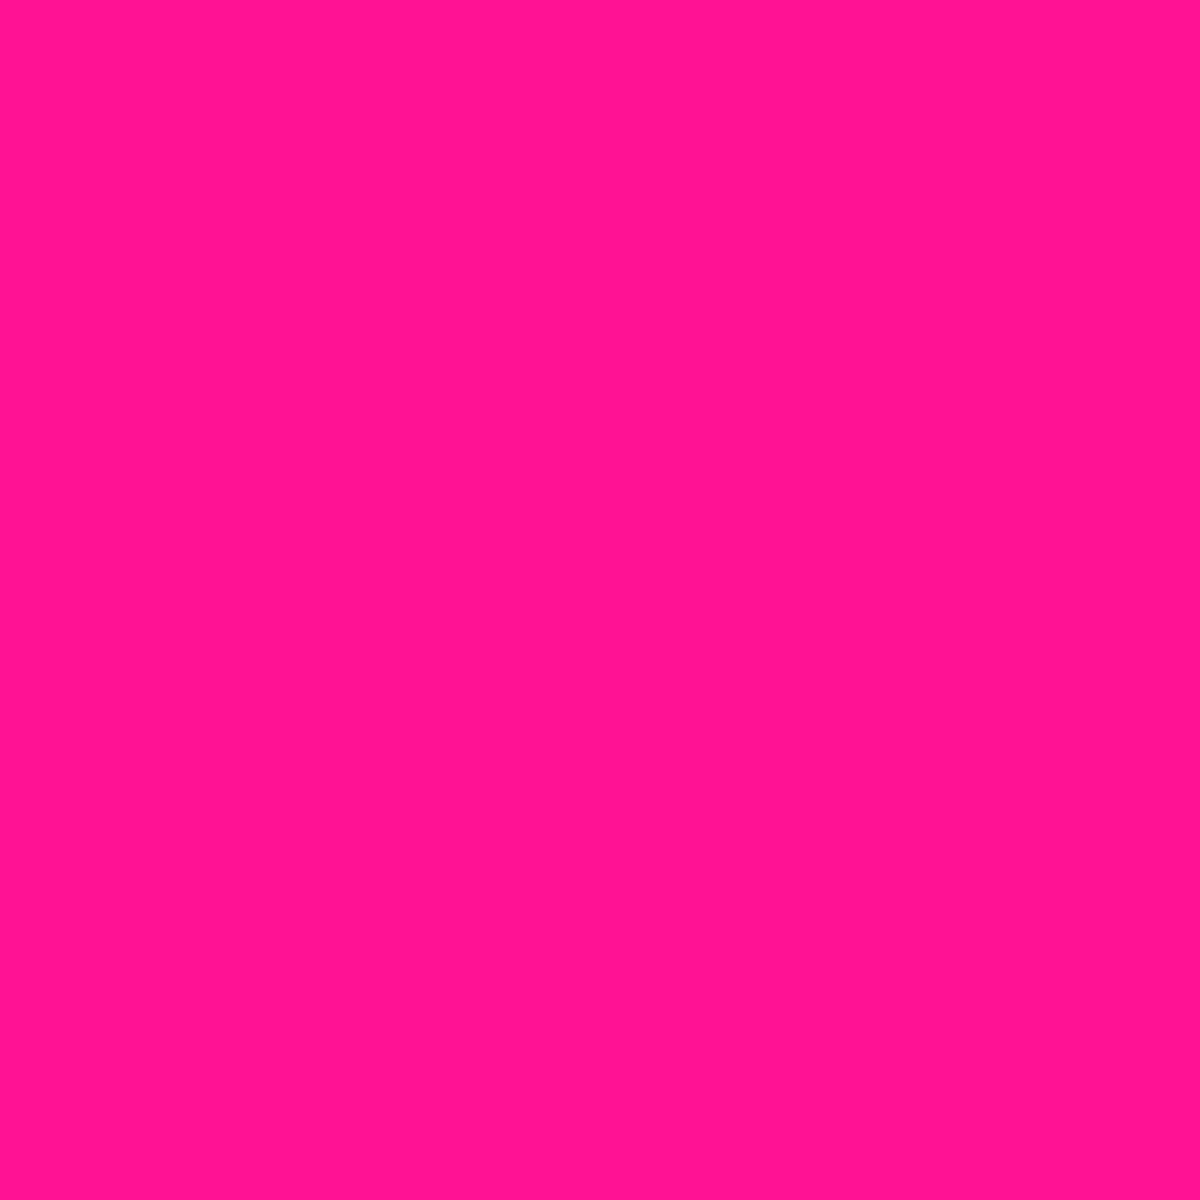 Day-Glo Aurora Pink